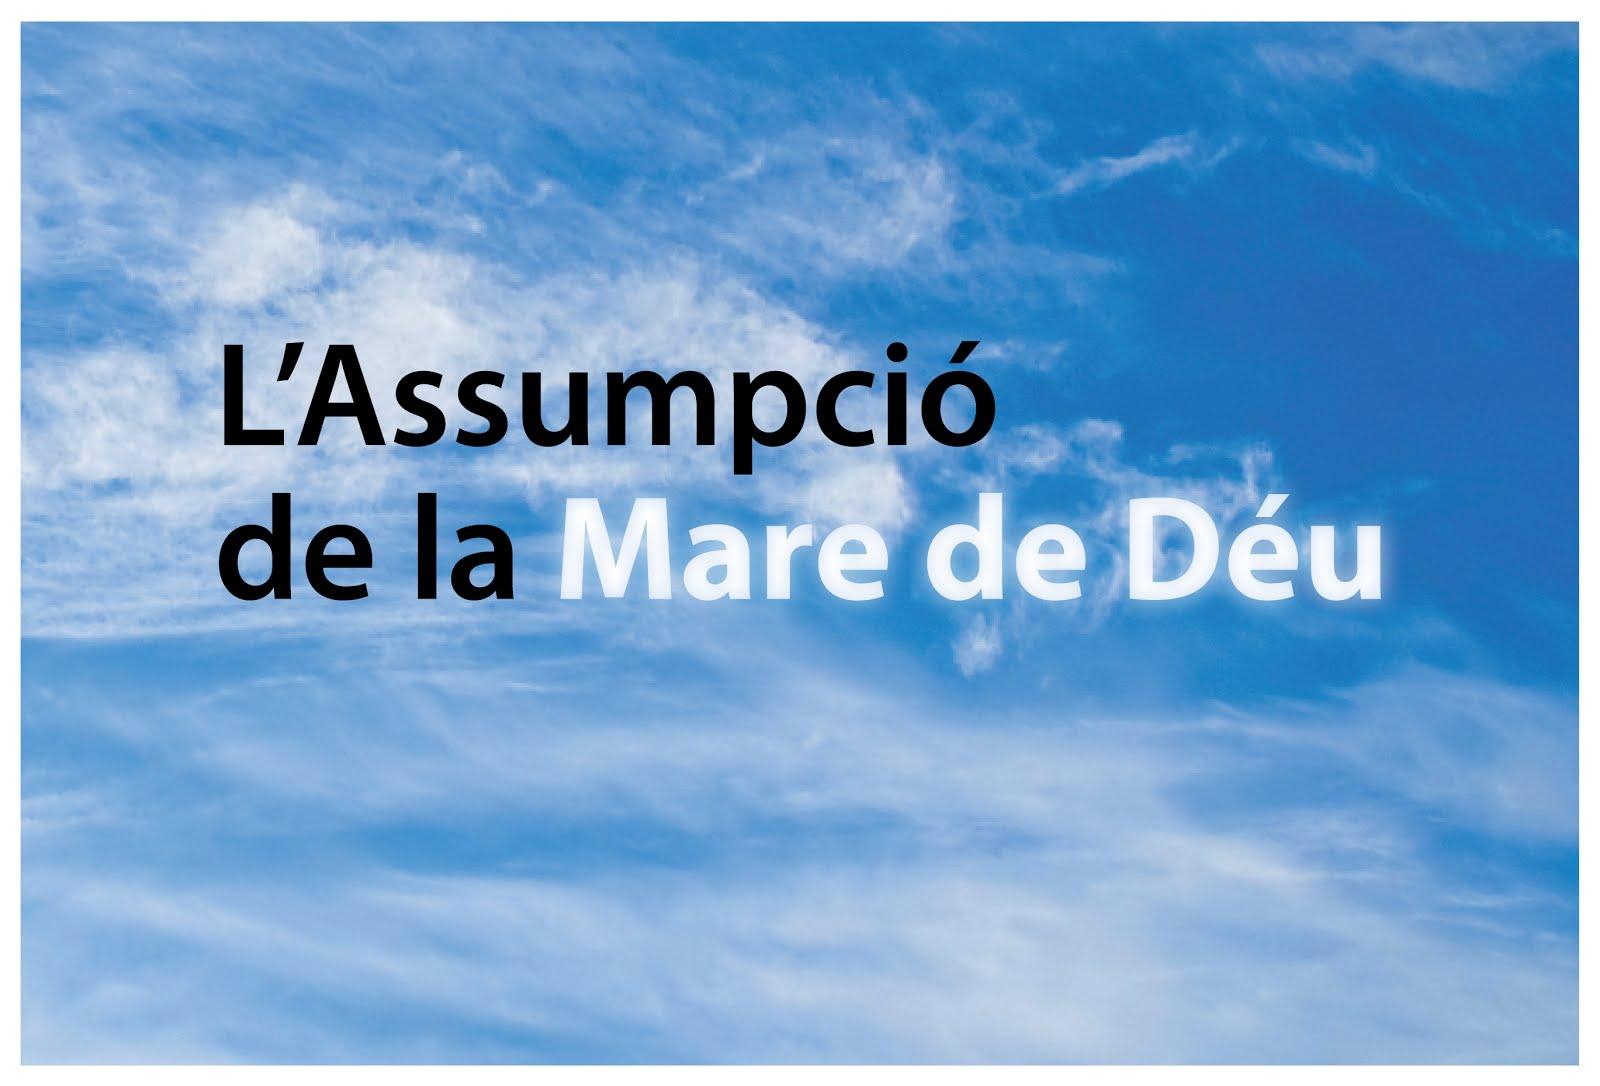 ASSUMPCIÓ DE LA MARE DE DÉU 2016